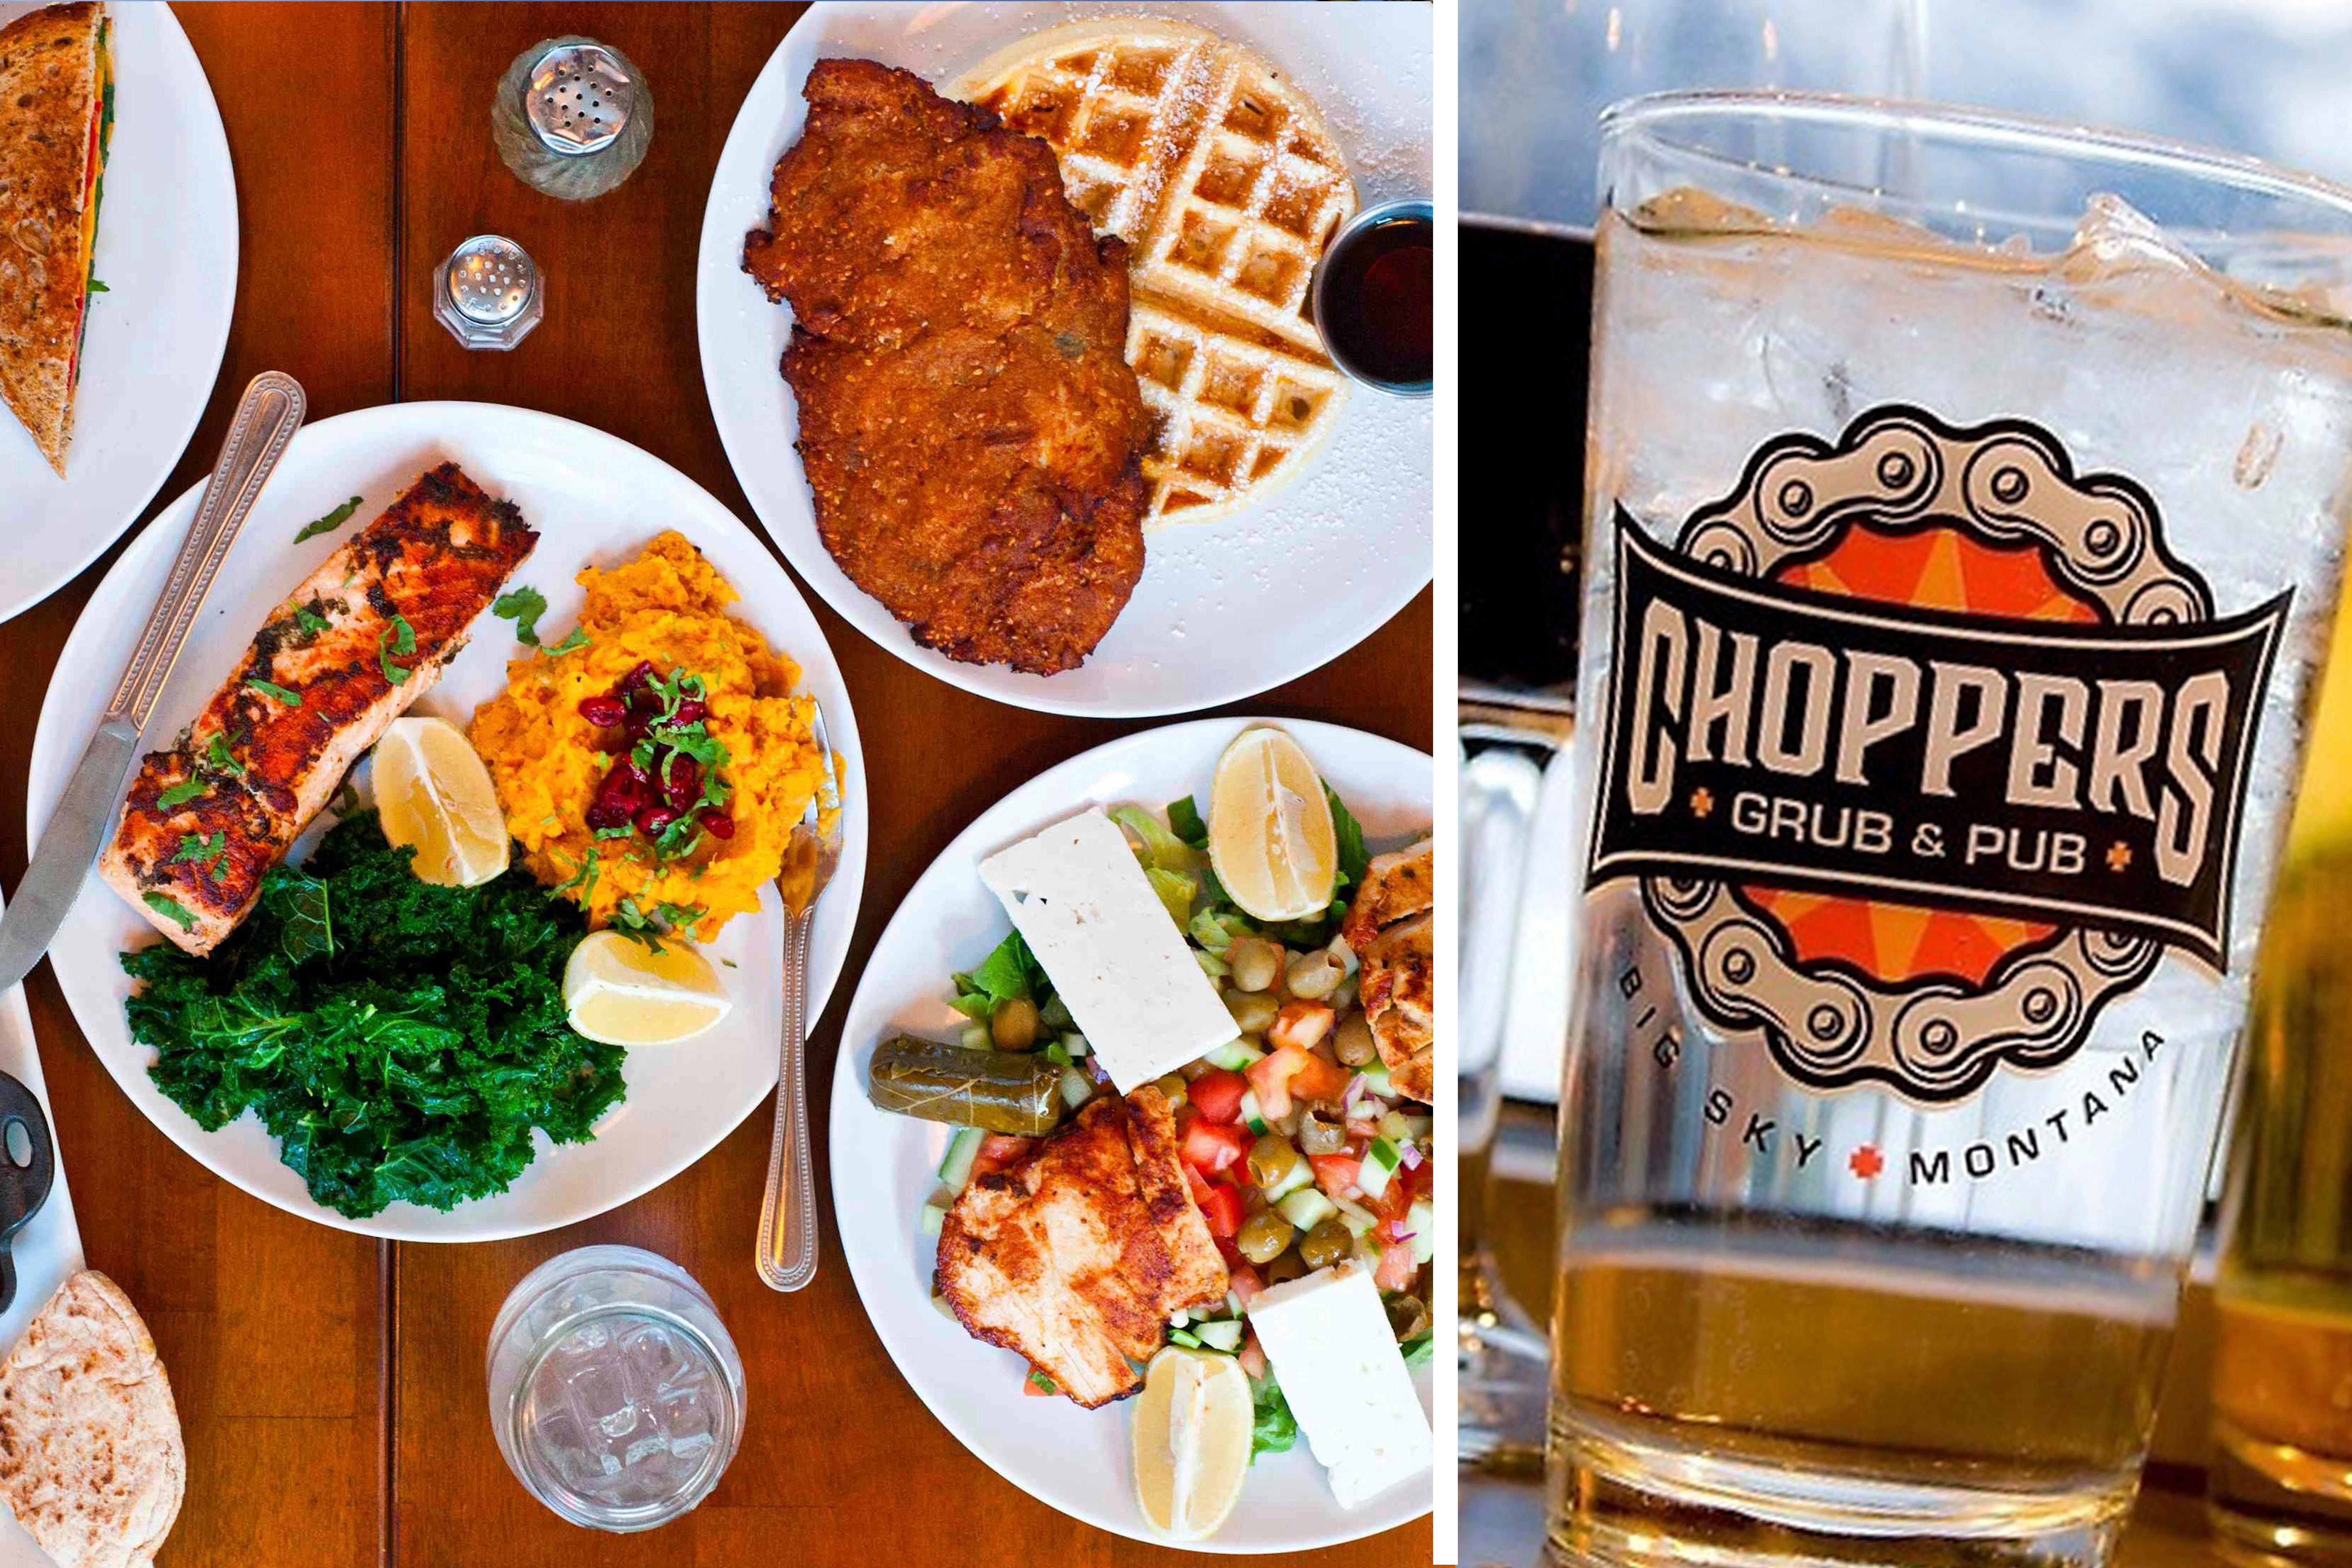 Choppers Grub & Pub